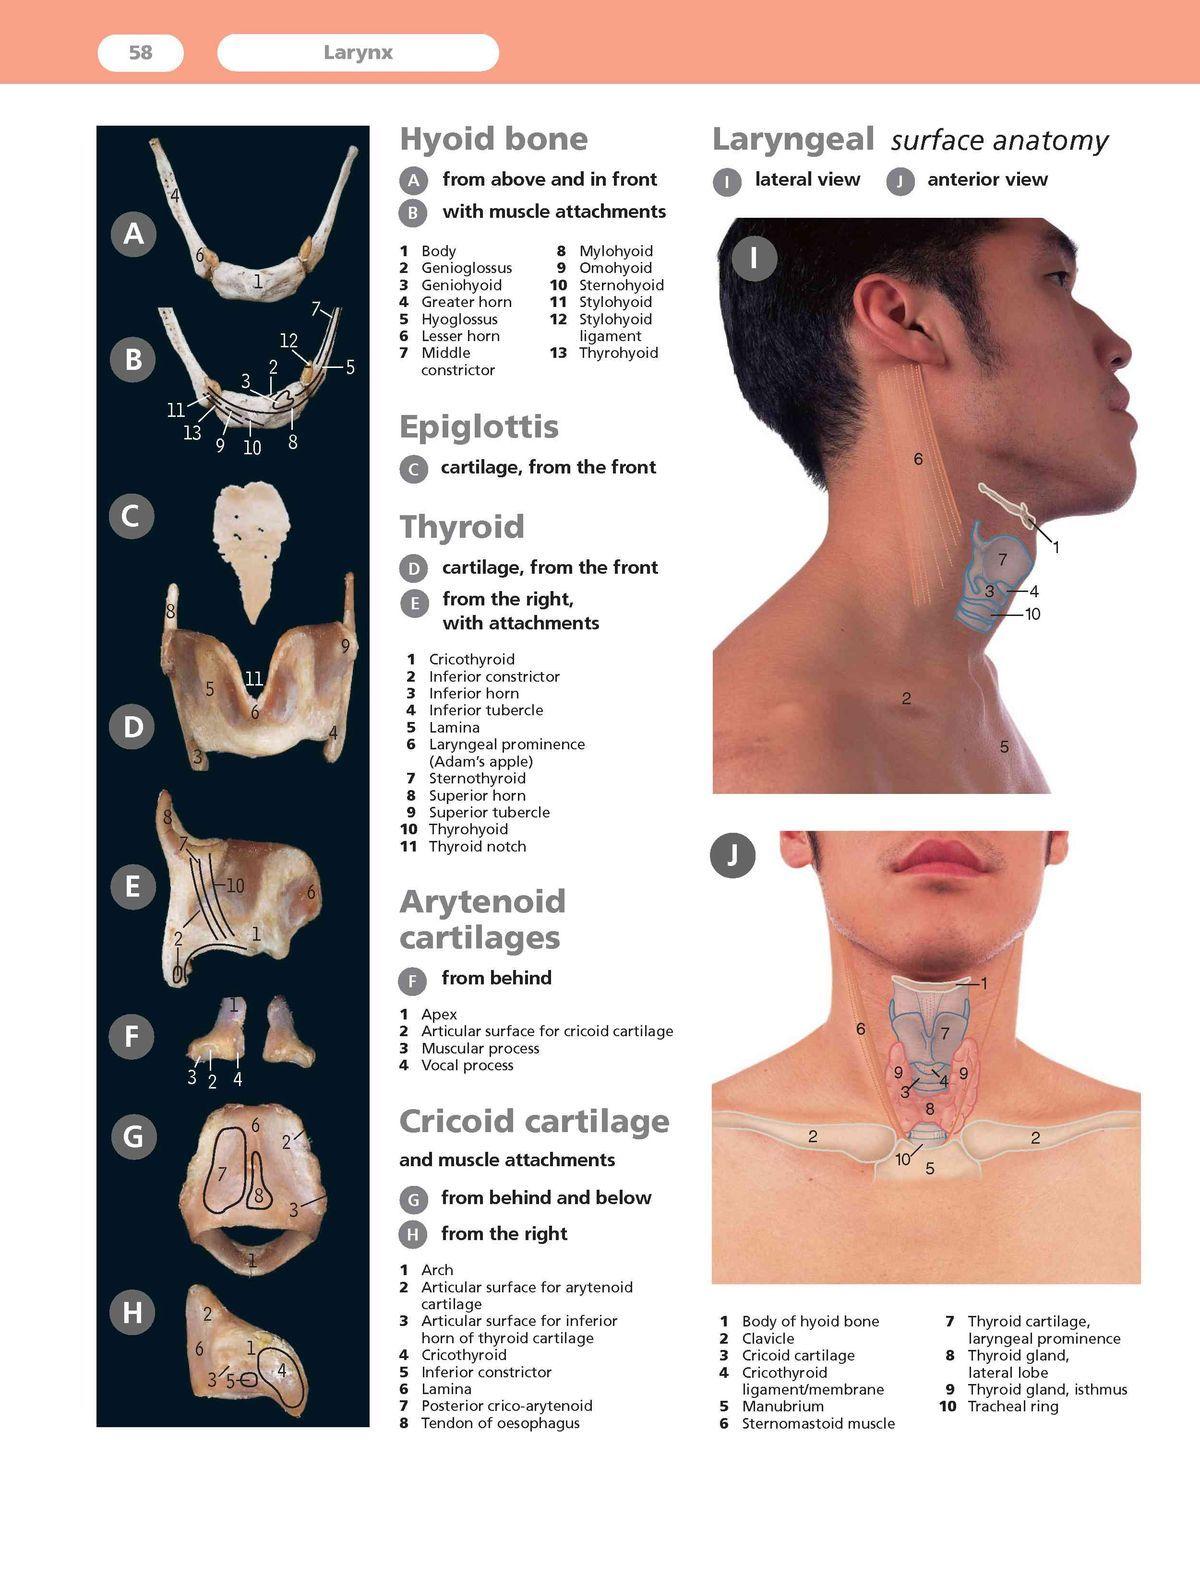 Anatomía de la laringe. | salud | Pinterest | Anatomía, Logopedia y ...